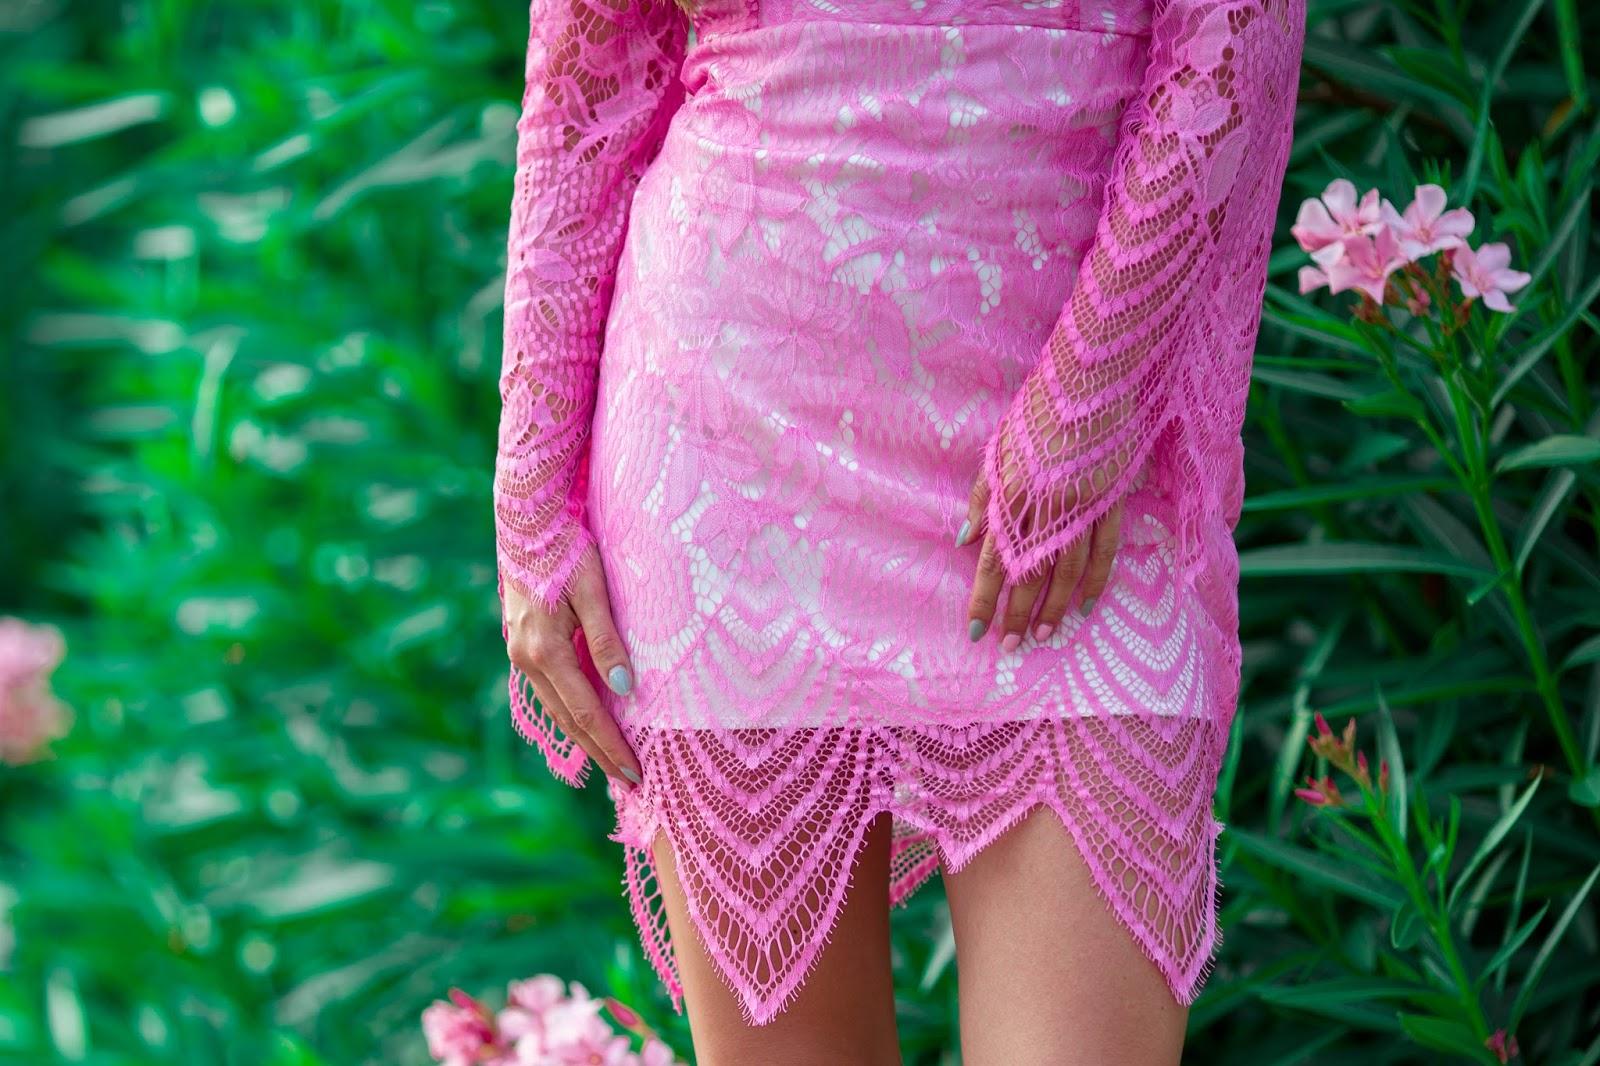 178c7dec54c5d3 Różowa koronka totalnie mnie urzekła i kolejny sezon letni sukienka  koronkowa jest moim totalnym must have. Jestem ciekawa czy też zgadzacie  się ze mną, ...